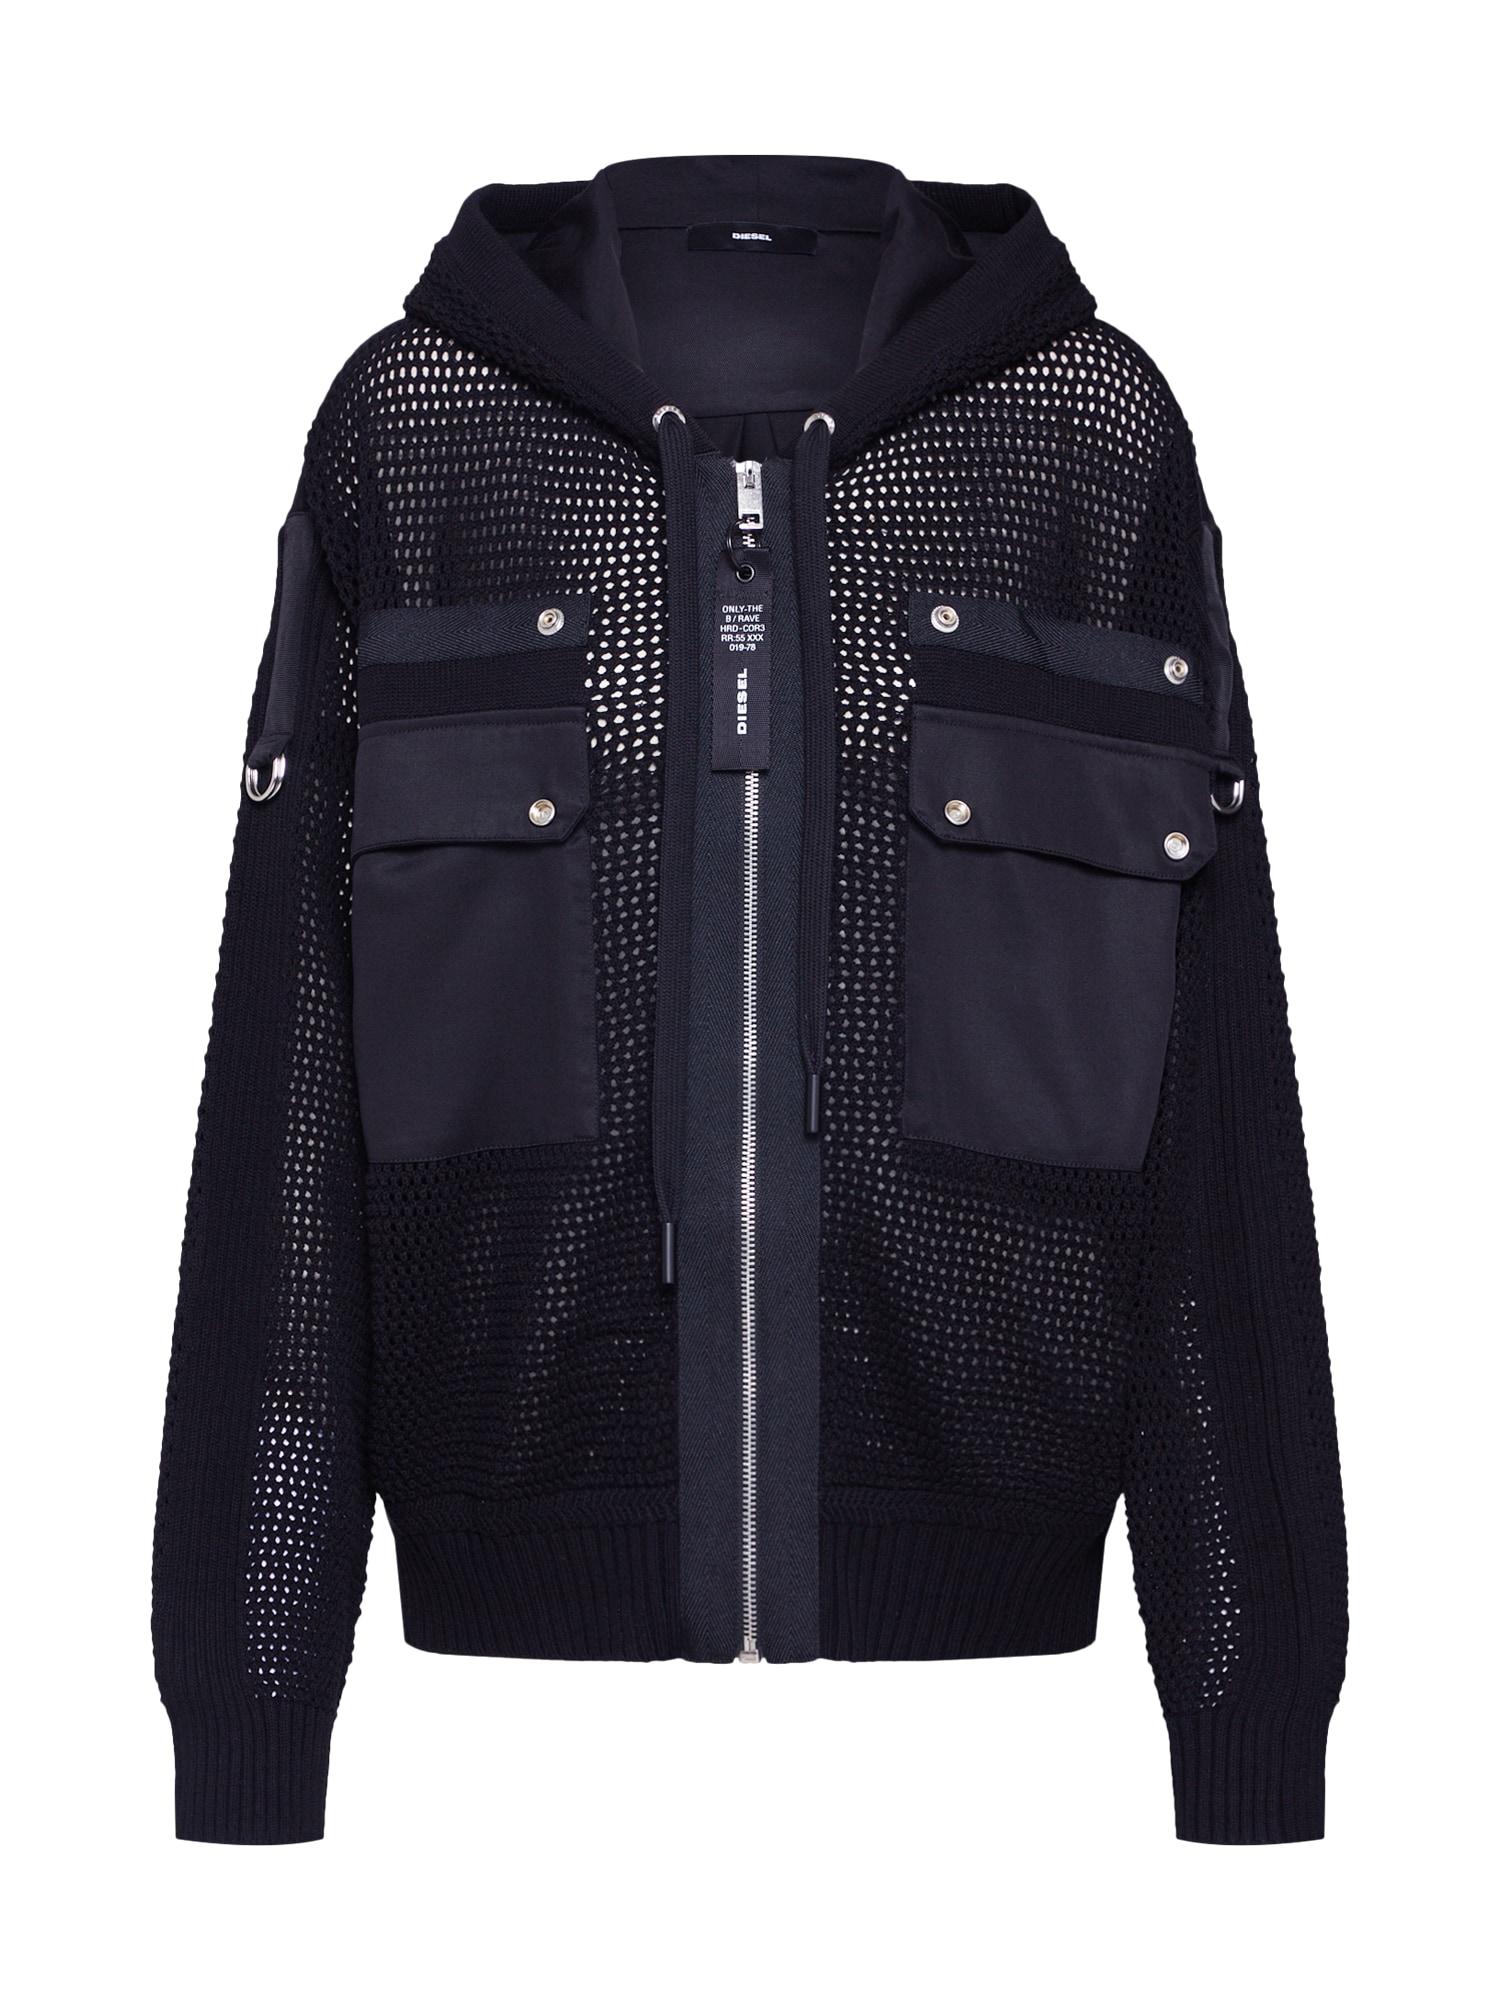 Damen Jacken online günstig kaufen über shop24.at | shop24